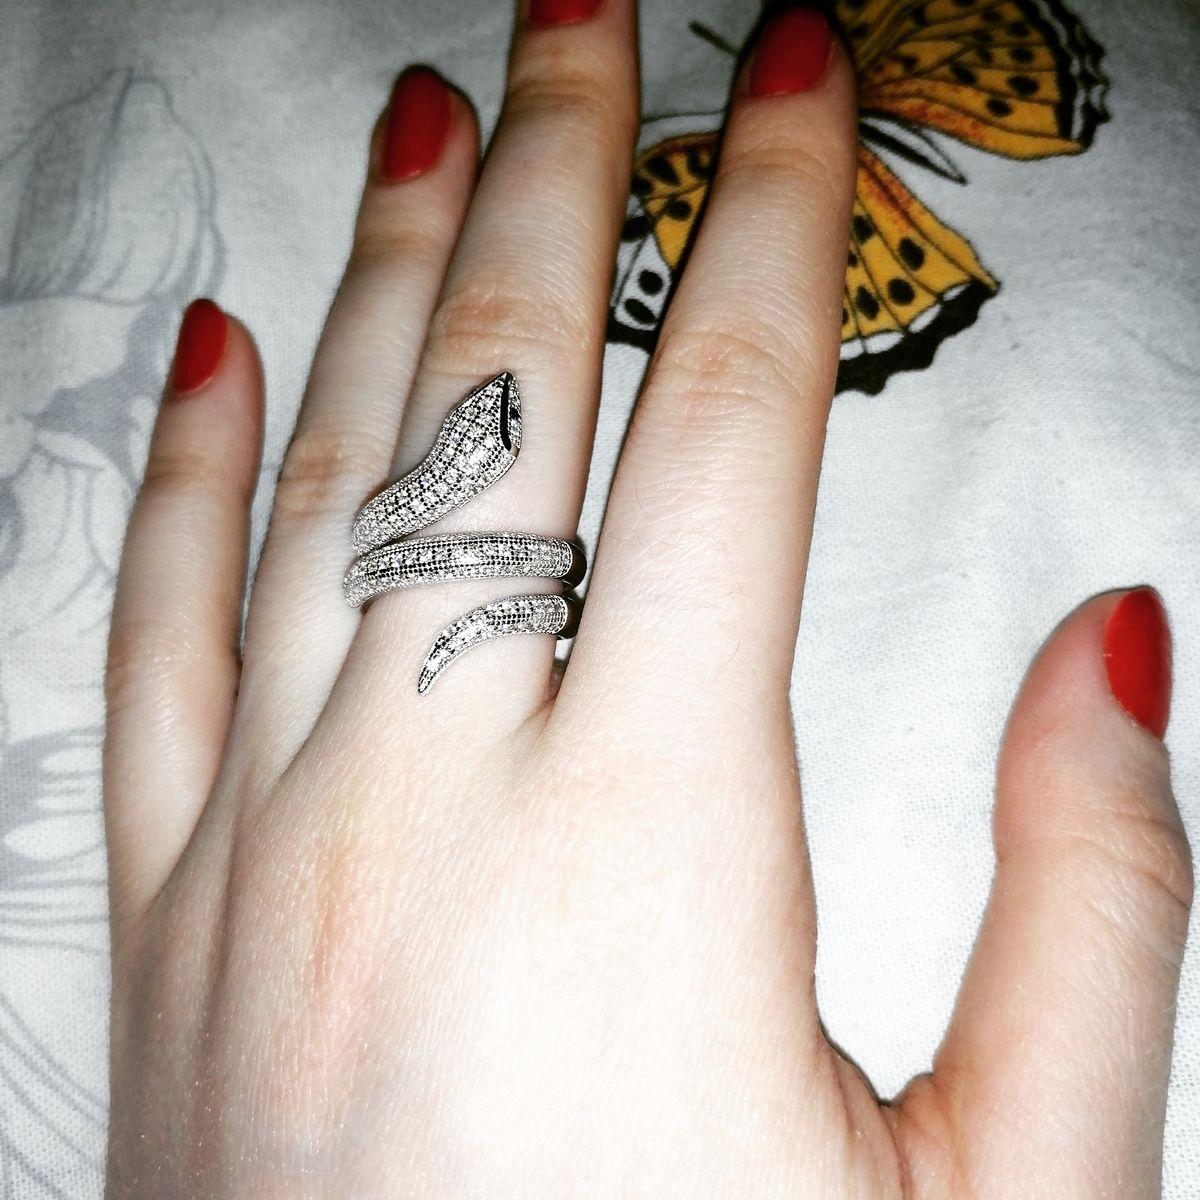 Кольцо в виде змея.